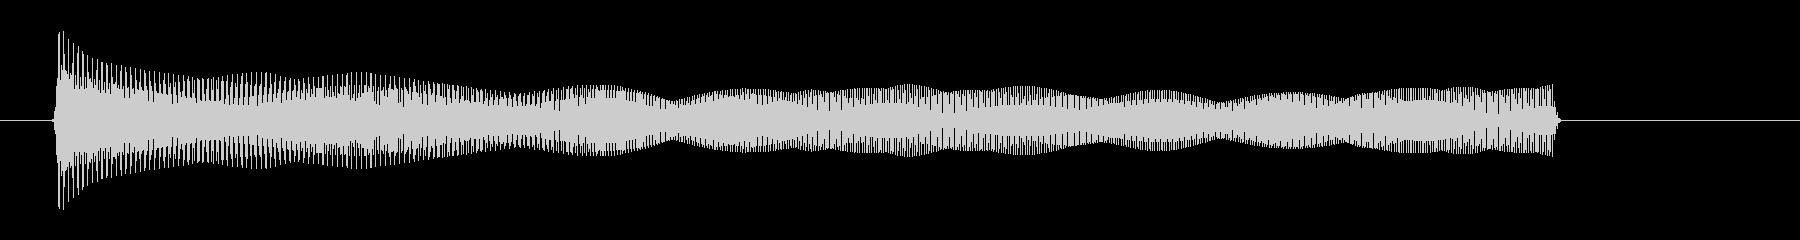 【びょーーん】シンセ2音遠くへ飛ぶ音の未再生の波形